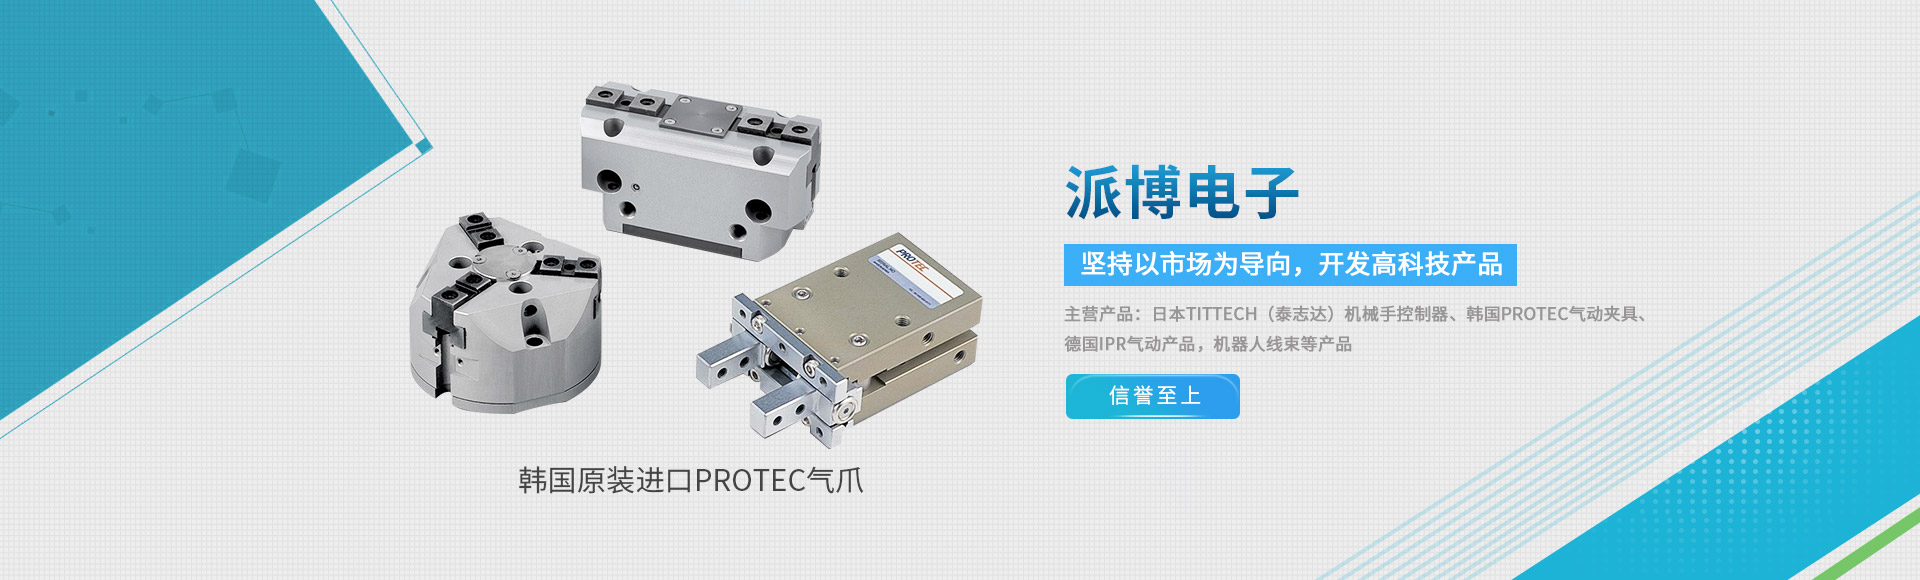 苏州AG集团电子科技有限公司